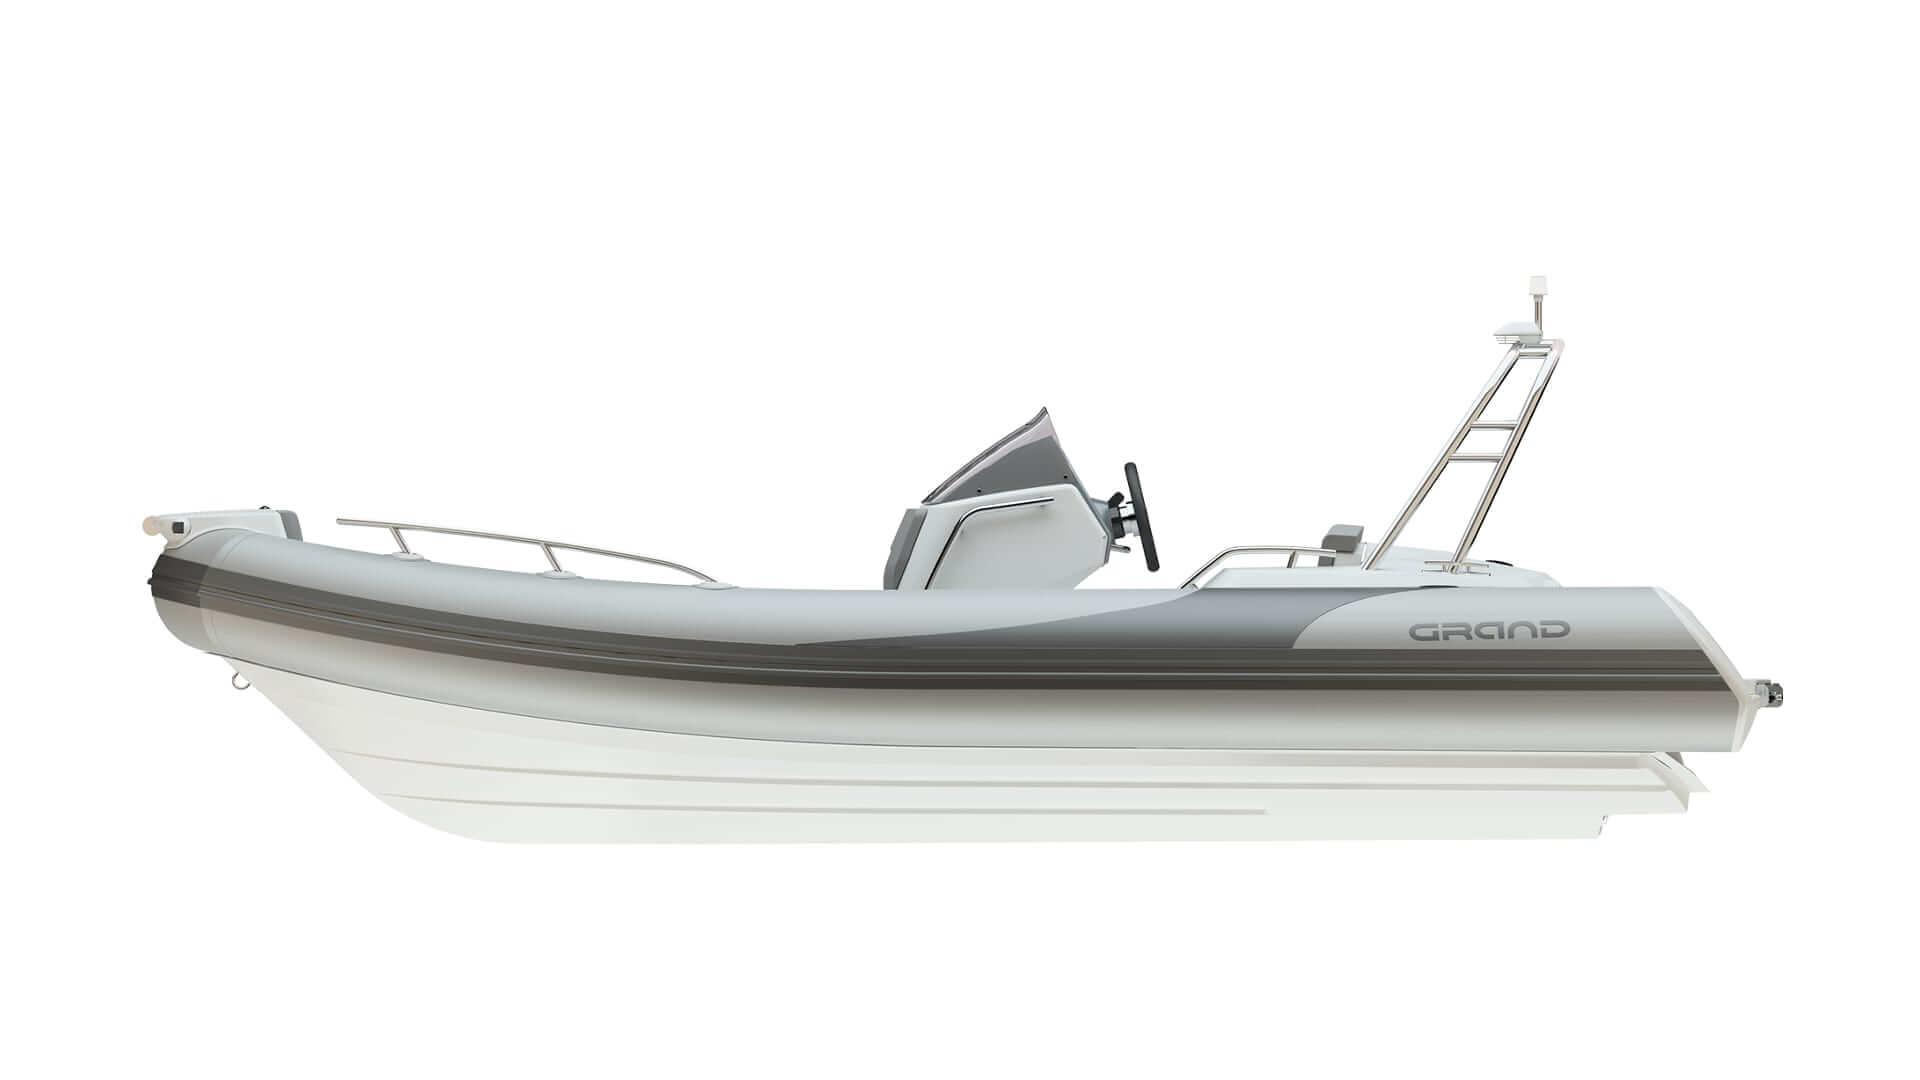 Надувная лодка GRAND Golden Line G500, GRAND Golden Line G500, GRAND G500,  Надувная лодка GRAND Golden Line G500LF,  GRAND Golden Line G500LF,  GRAND G500LF, Надувная лодка GRAND, Надувная лодка с жестким дном,  Rigid Inflatable Boats, RIB